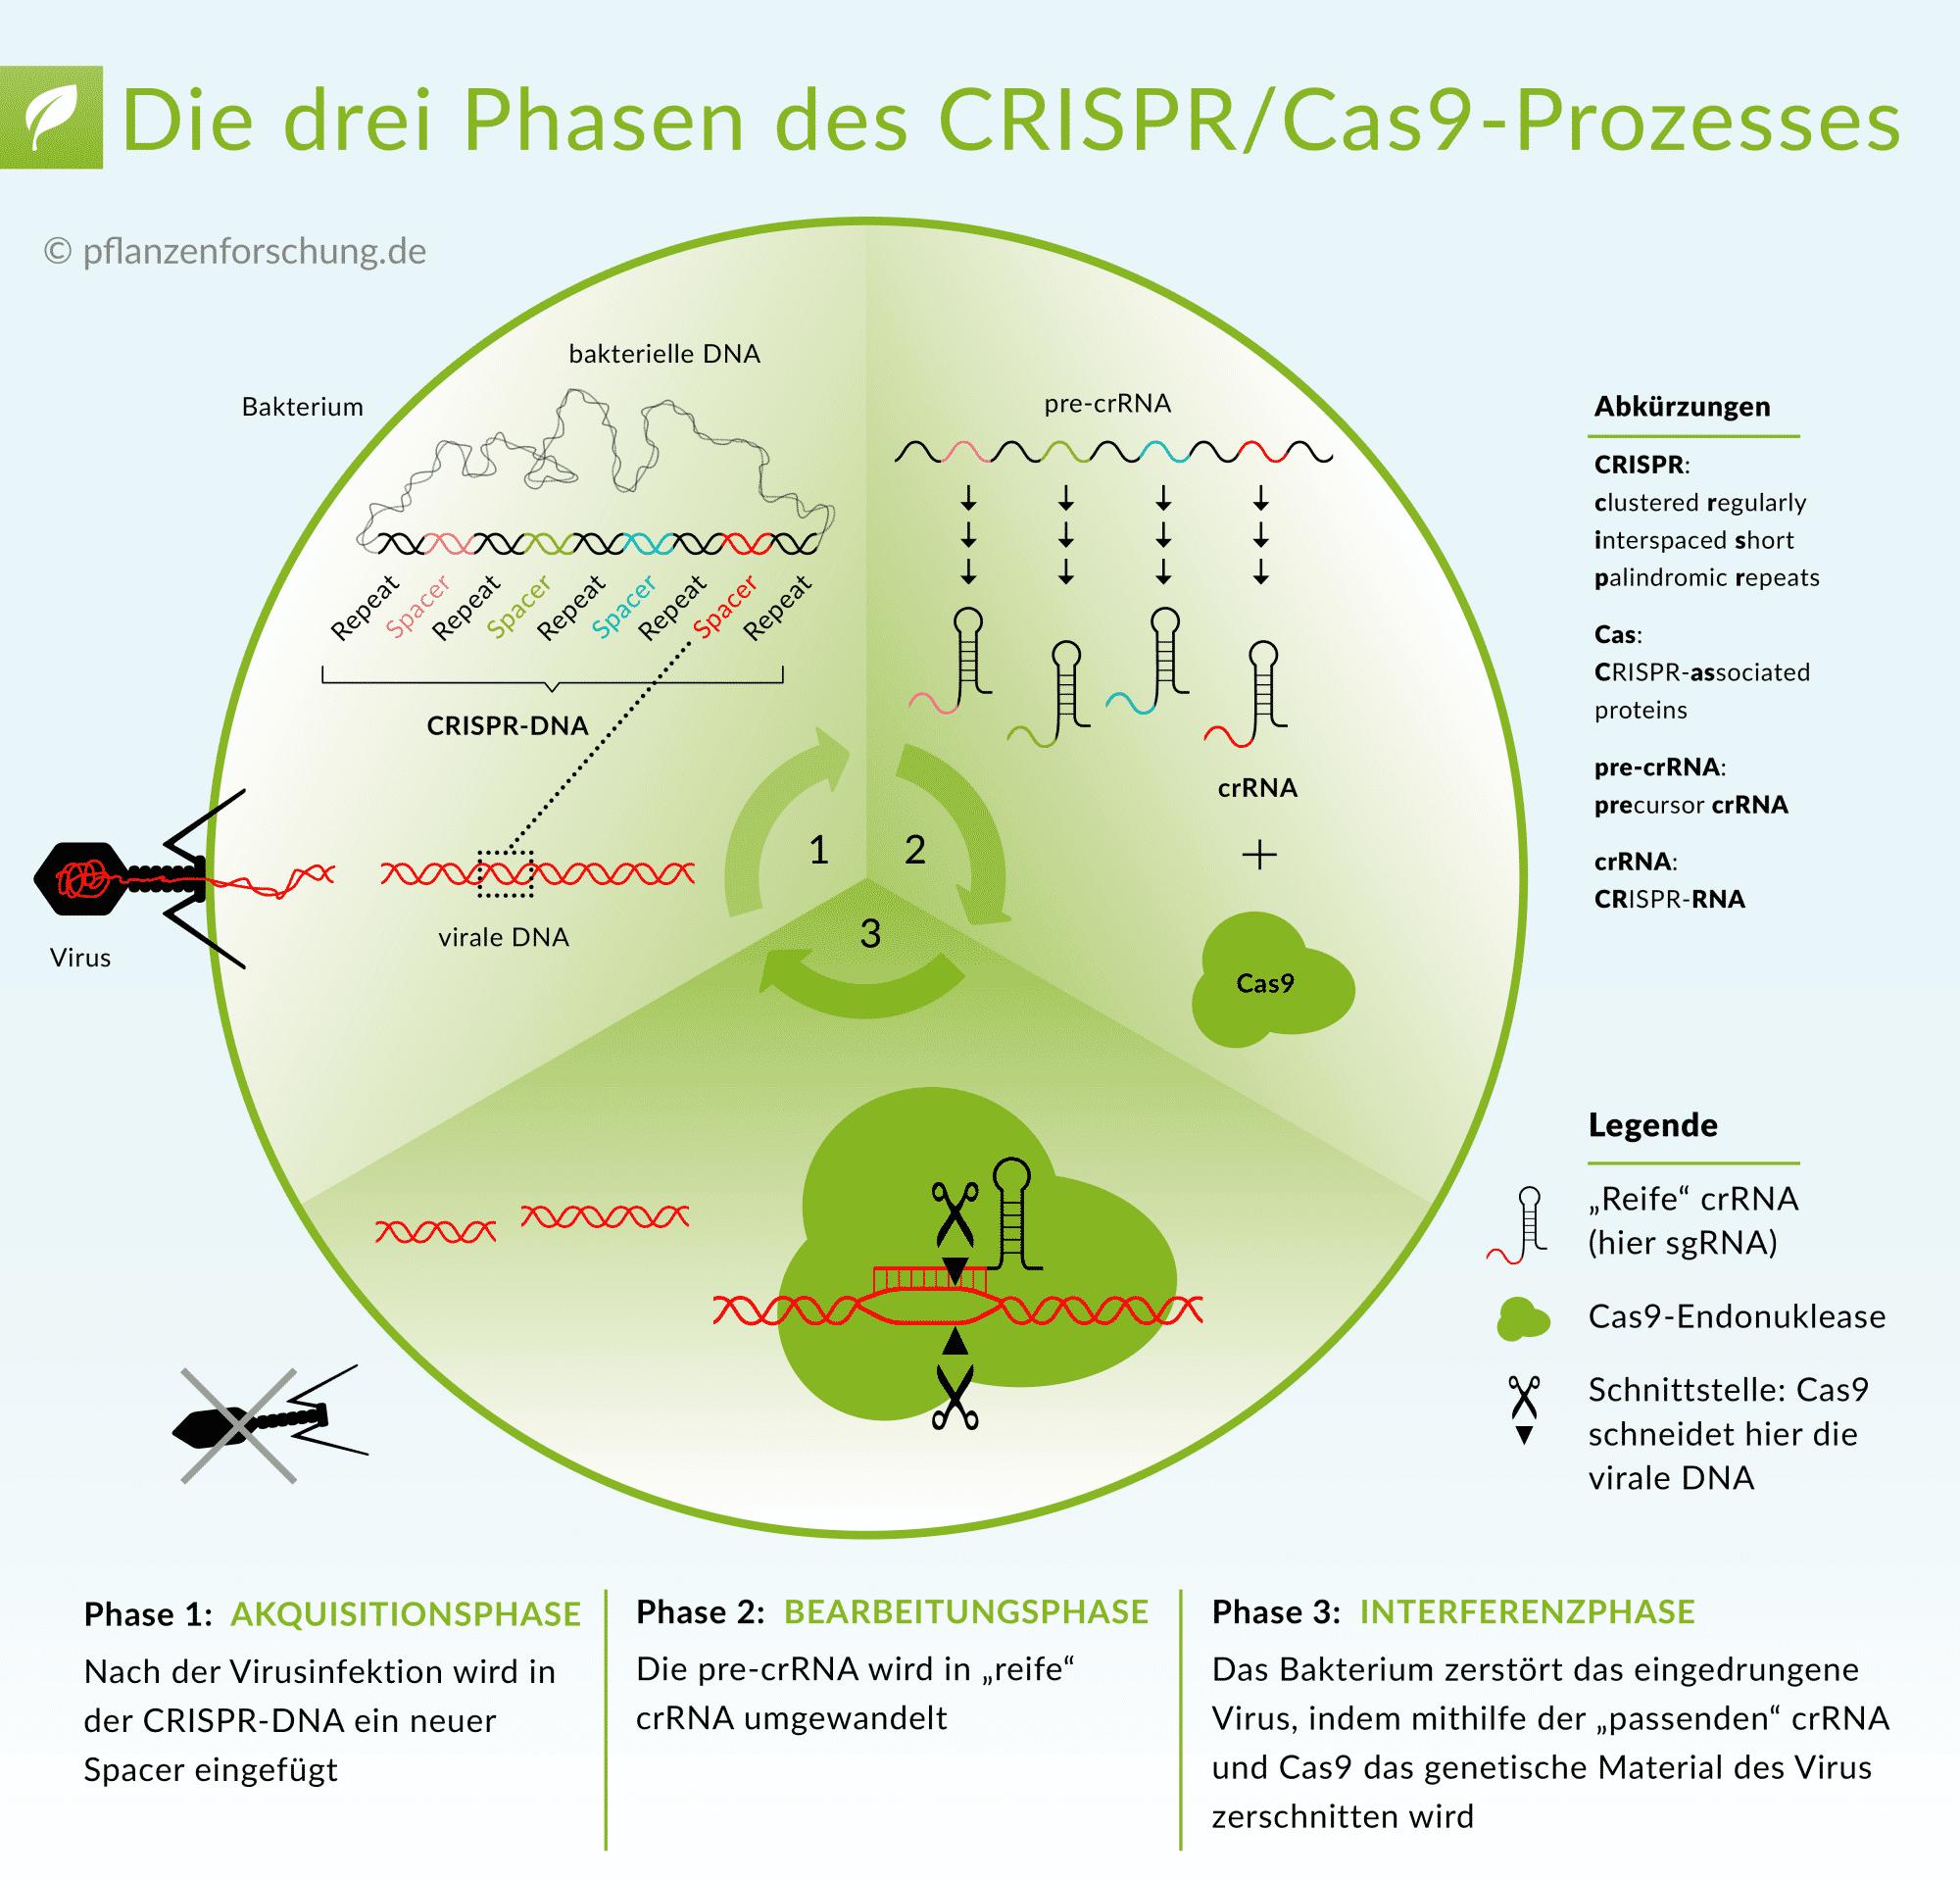 www.pflanzenforschung.de